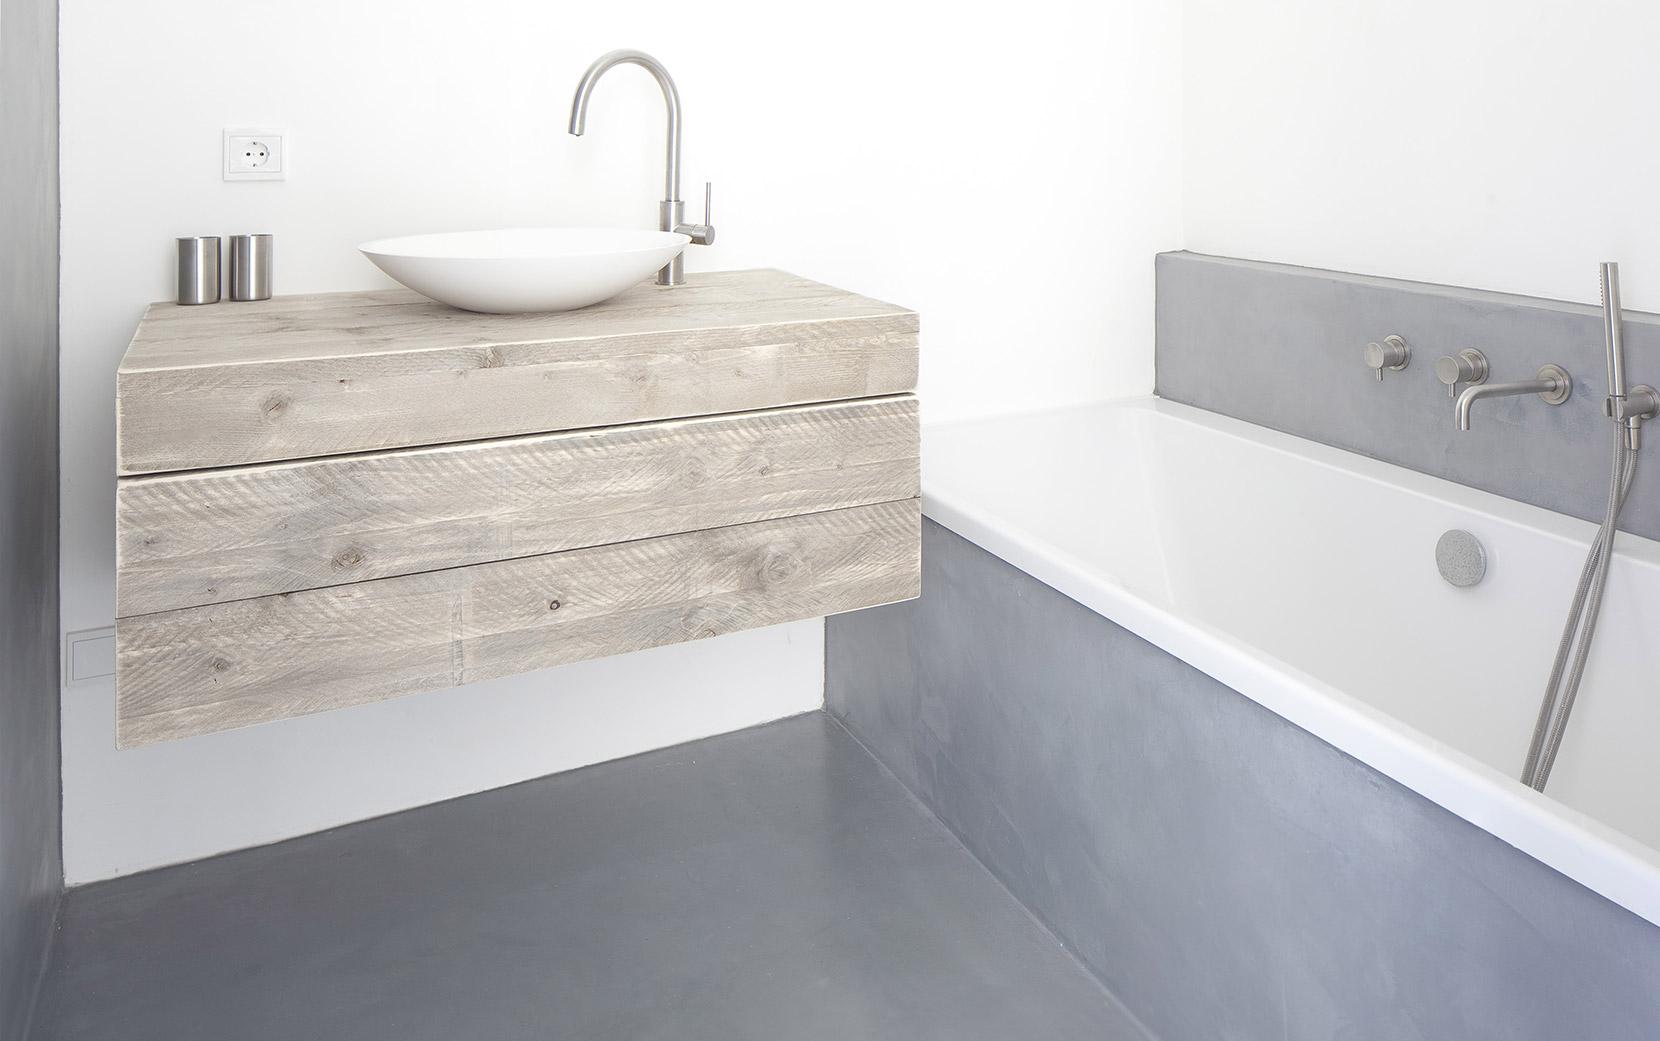 Betonvloer Badkamer Maken : Badkamer betonvloer maken betonvloer archieven tips op het